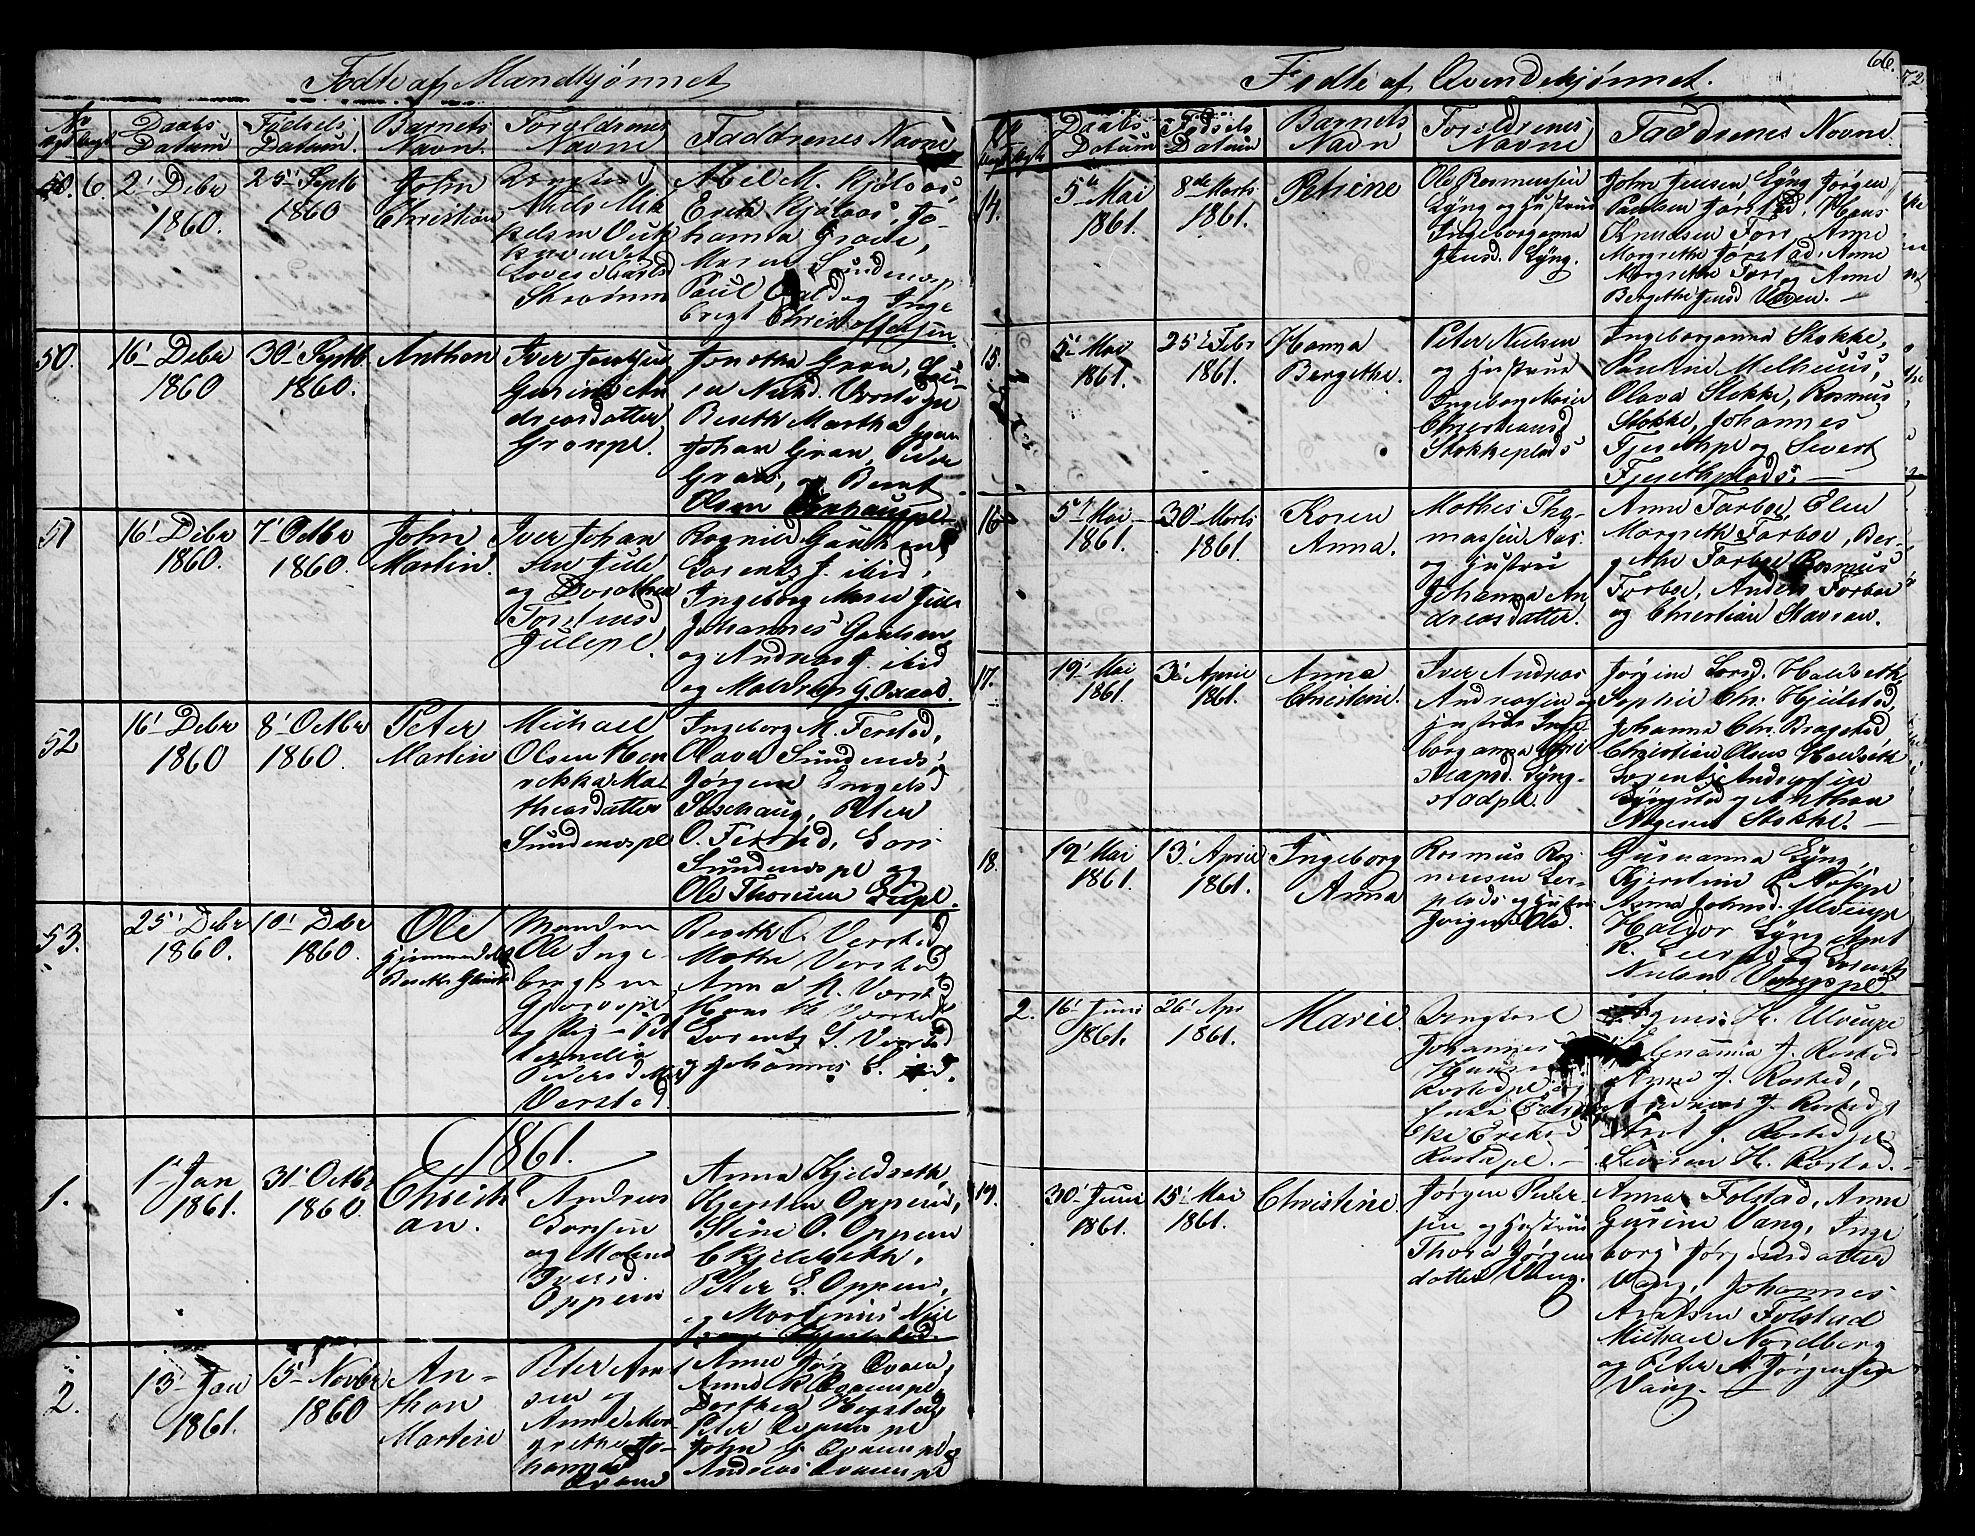 SAT, Ministerialprotokoller, klokkerbøker og fødselsregistre - Nord-Trøndelag, 730/L0299: Klokkerbok nr. 730C02, 1849-1871, s. 66